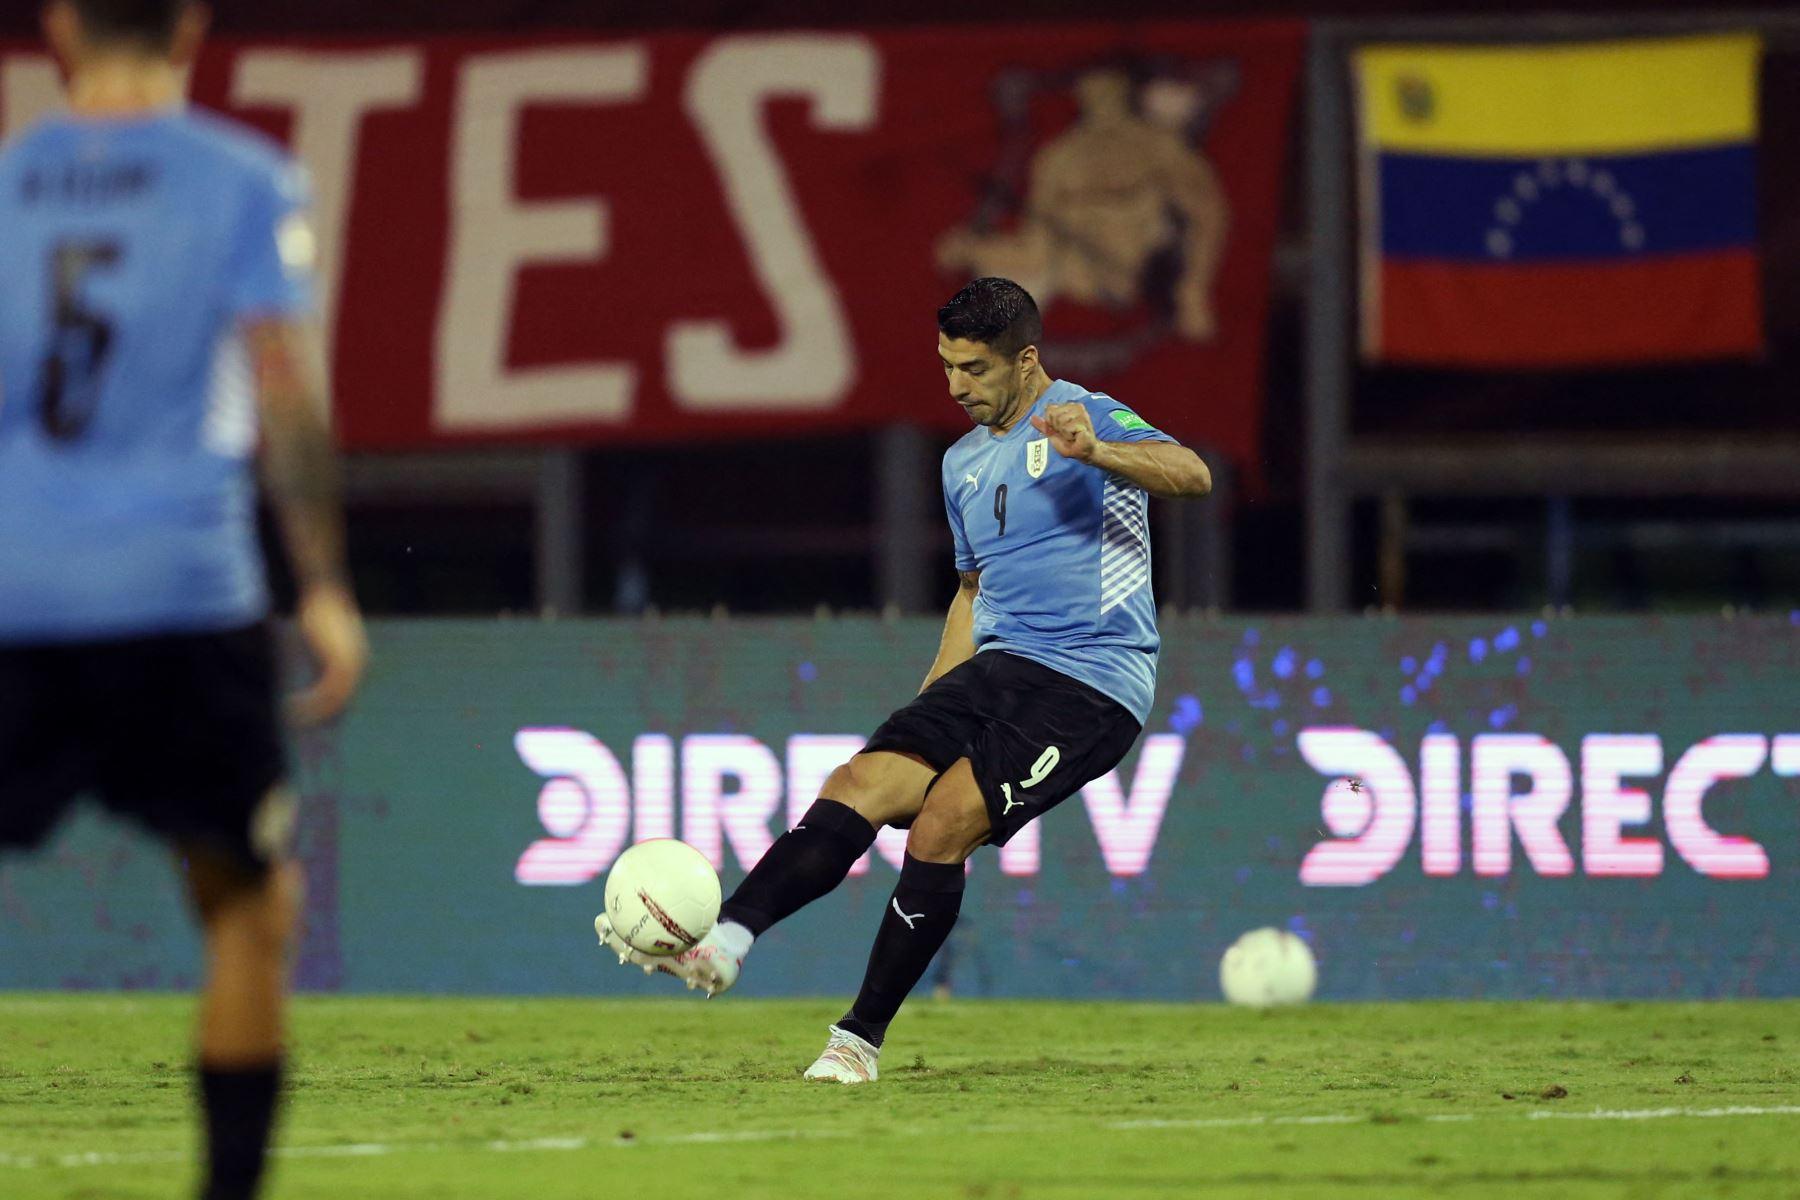 Luis Suárez de Uruguay dispara durante el partido de fútbol de clasificación sudamericano para la Copa Mundial de la FIFA Qatar 2022 contra Venezuela en el Estadio Olímpico UCV en Caracas. Foto: AFP